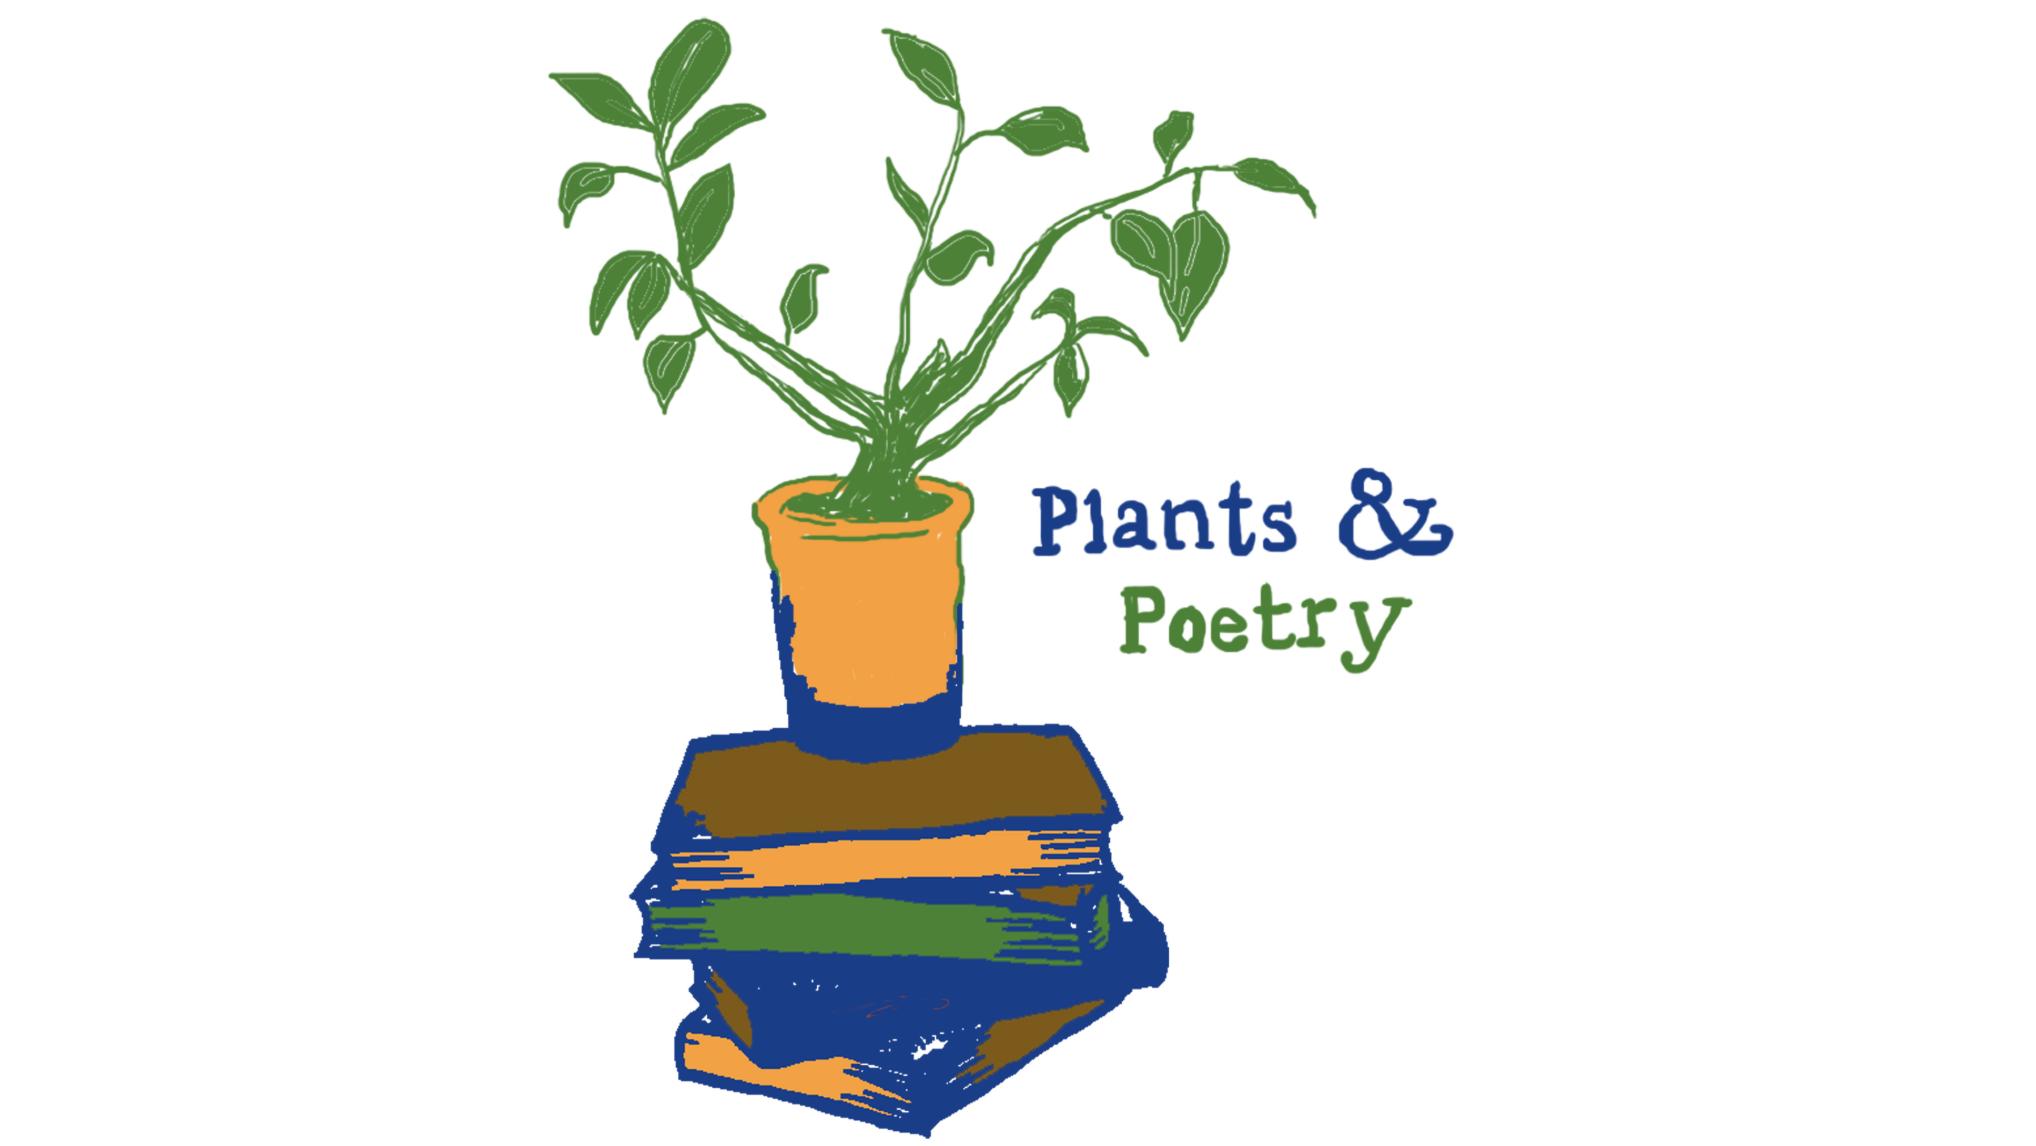 Plants & Poetry